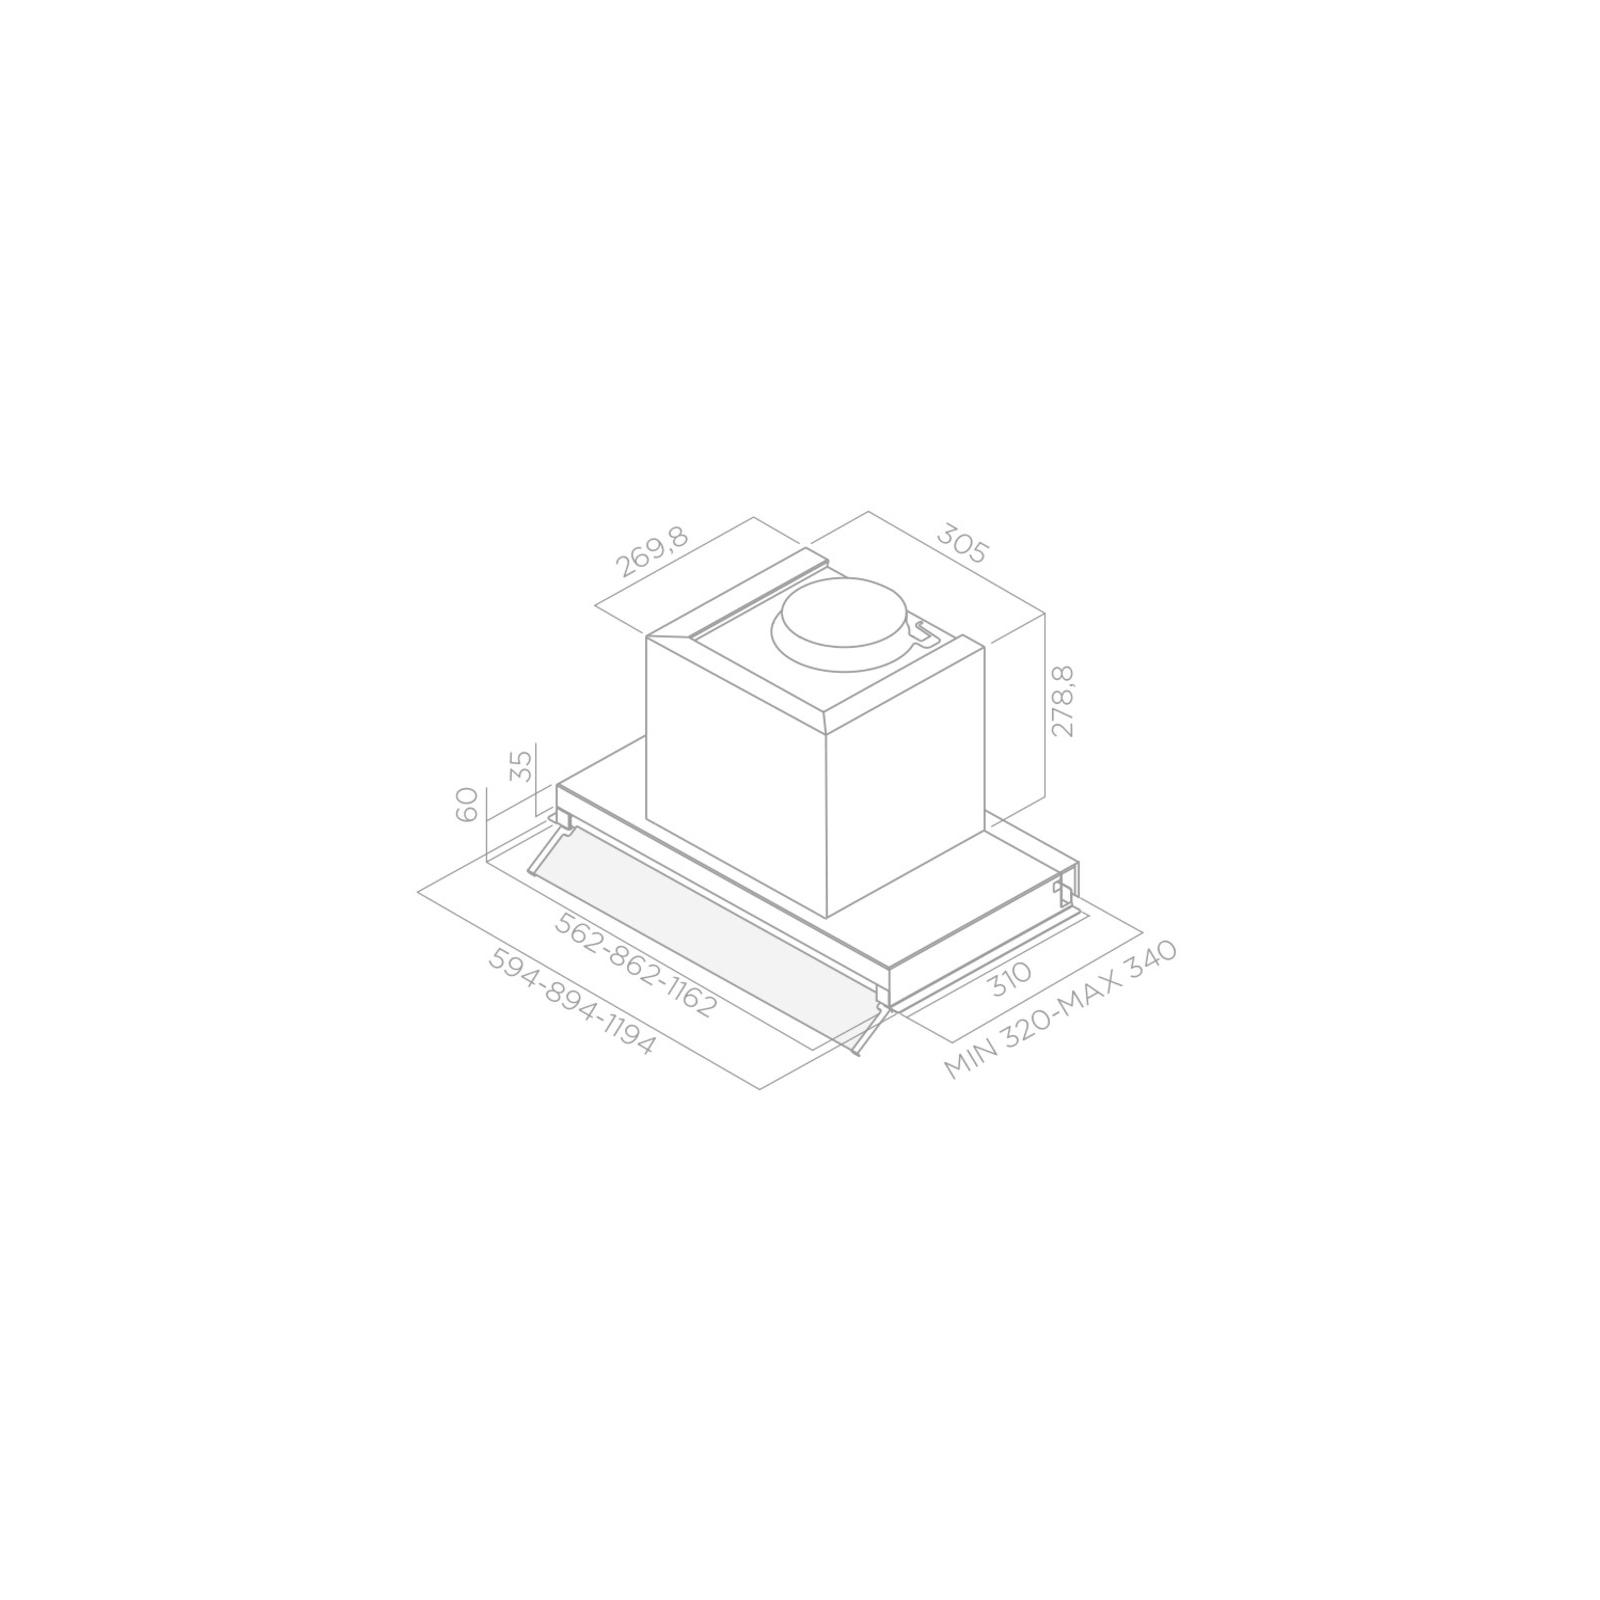 Вытяжка кухонная ELICA BOX IN IX/A/120 изображение 2